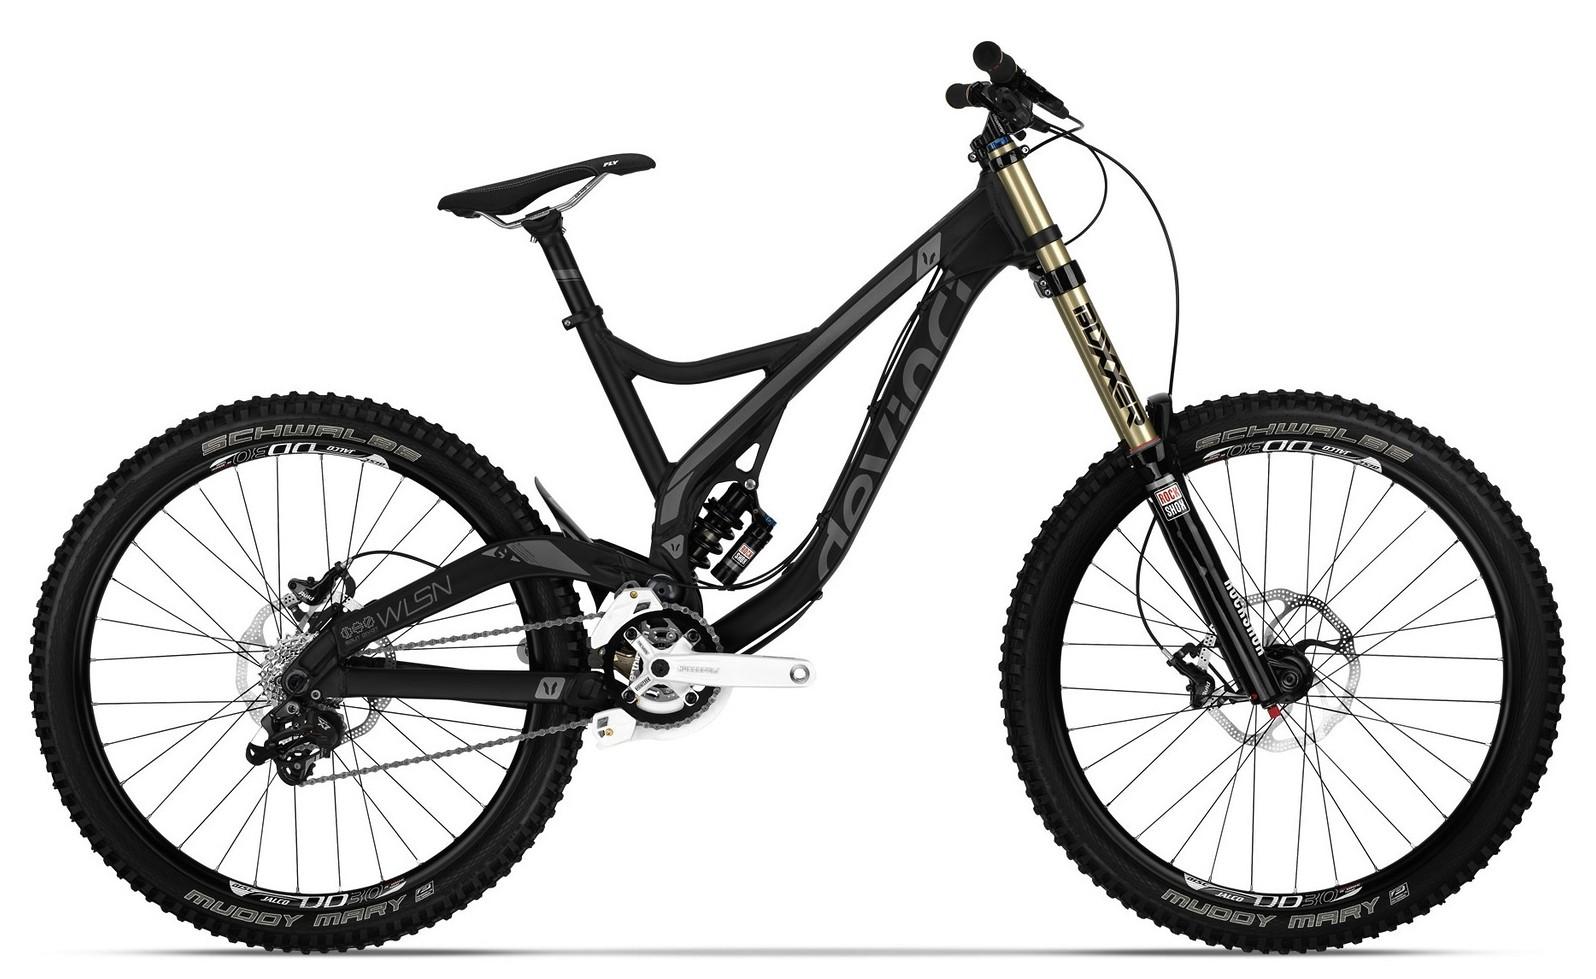 Bike - 2014 Devinci Wilson XP